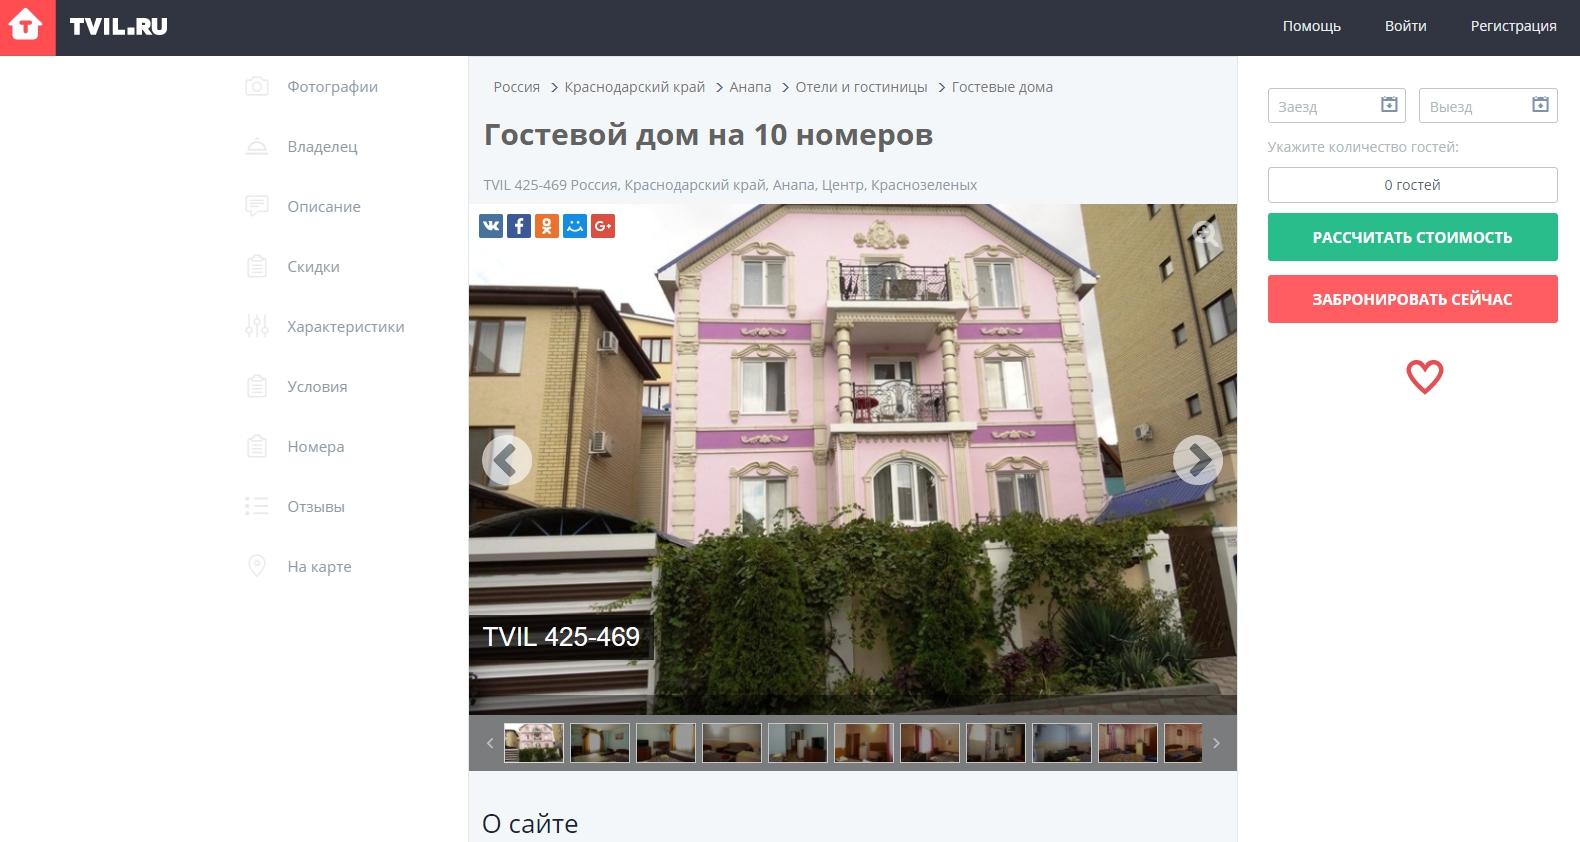 Как мы искали отель в Анапе с помощью сервиса TVIL.RU